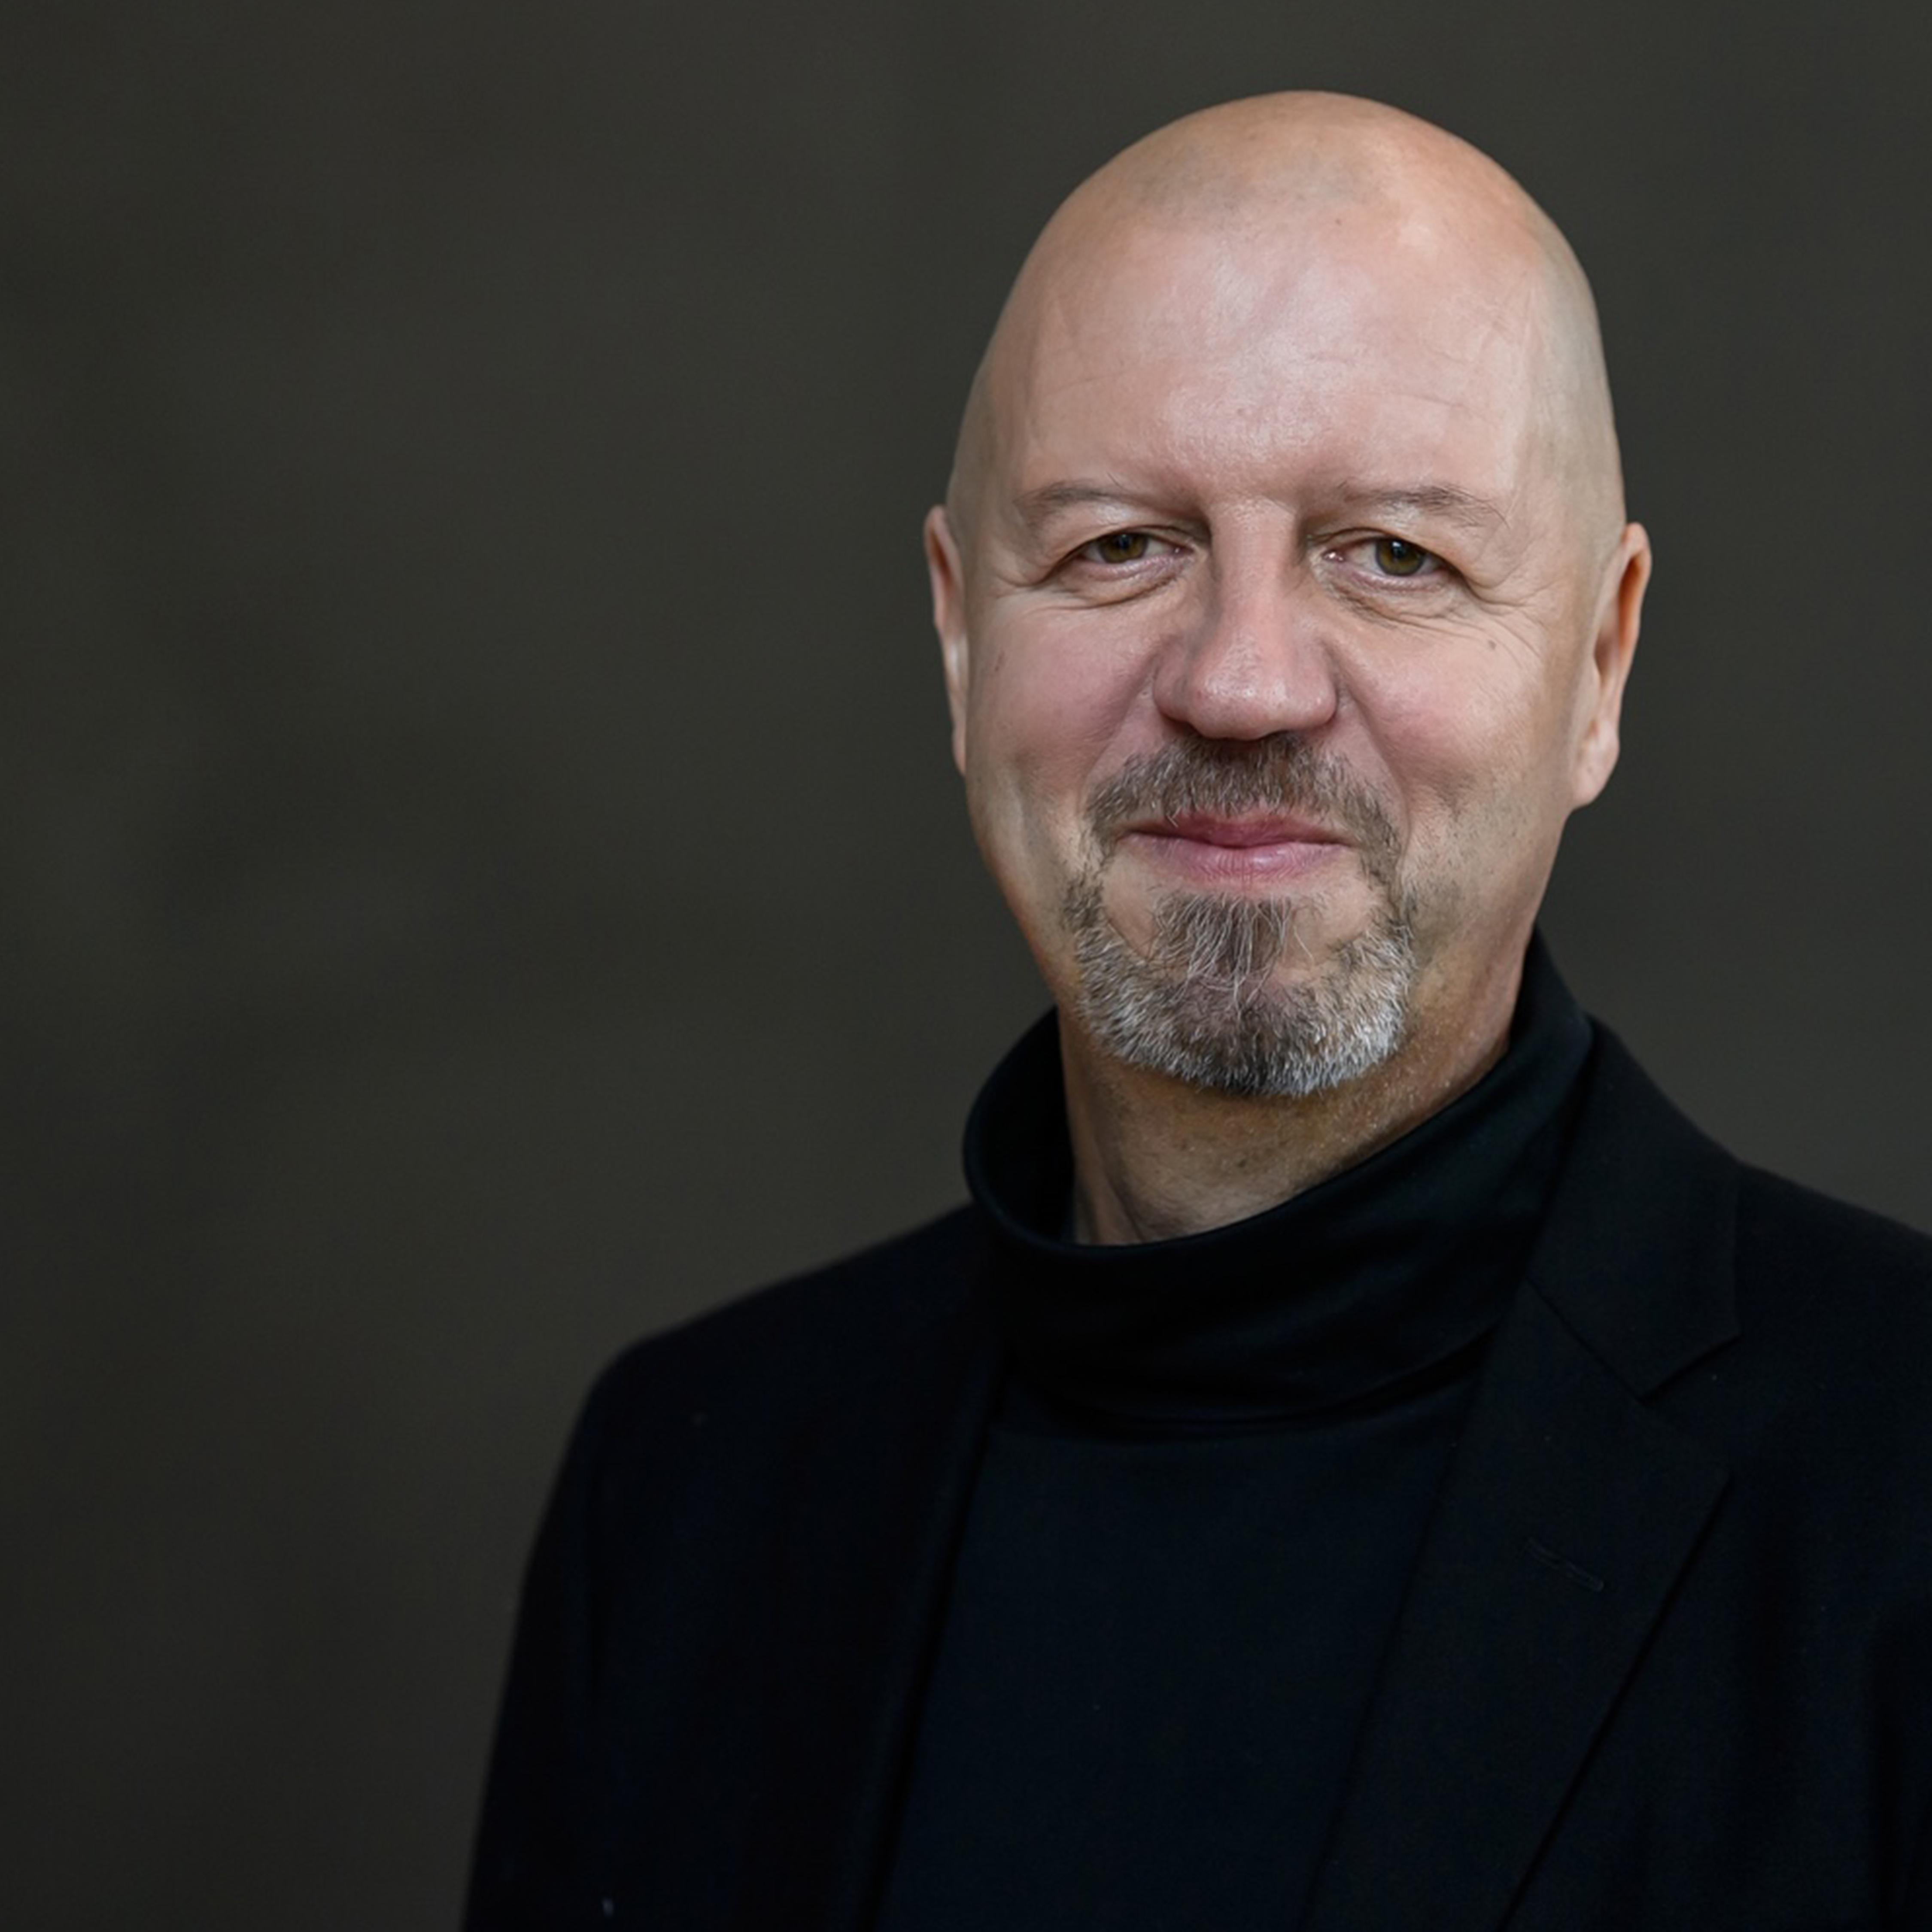 Wie man mit lokalen True-Crime-Produktionen den Weltmarkt ins Visier nimmt – Köpfe-Interview mit Andreas Weinek